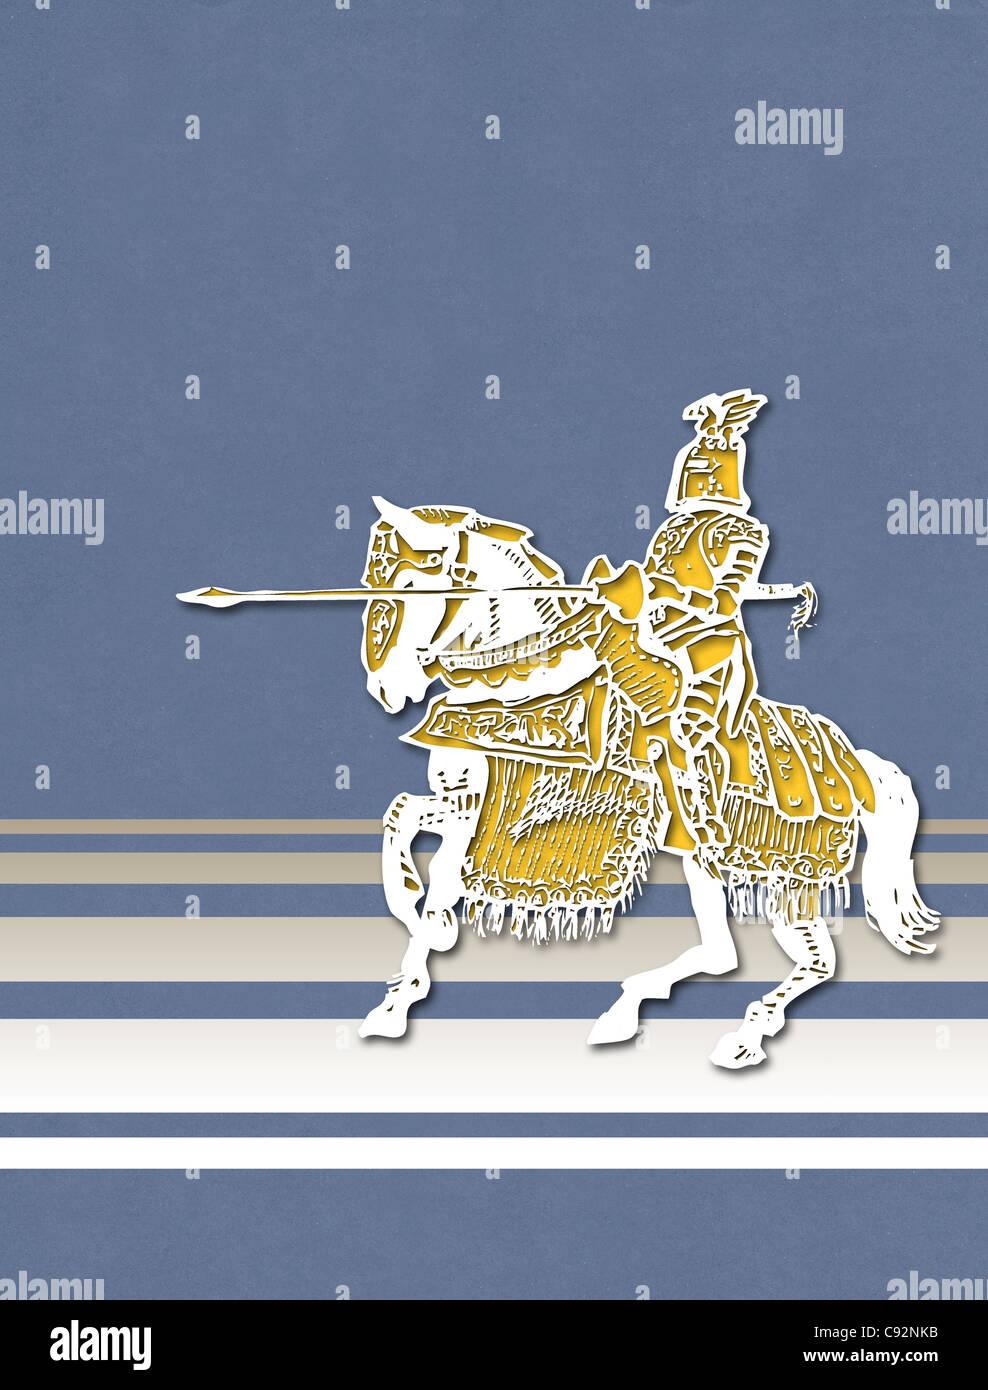 Cut-out illustrazione dello stile del cavallo e cavaliere medievale Immagini Stock